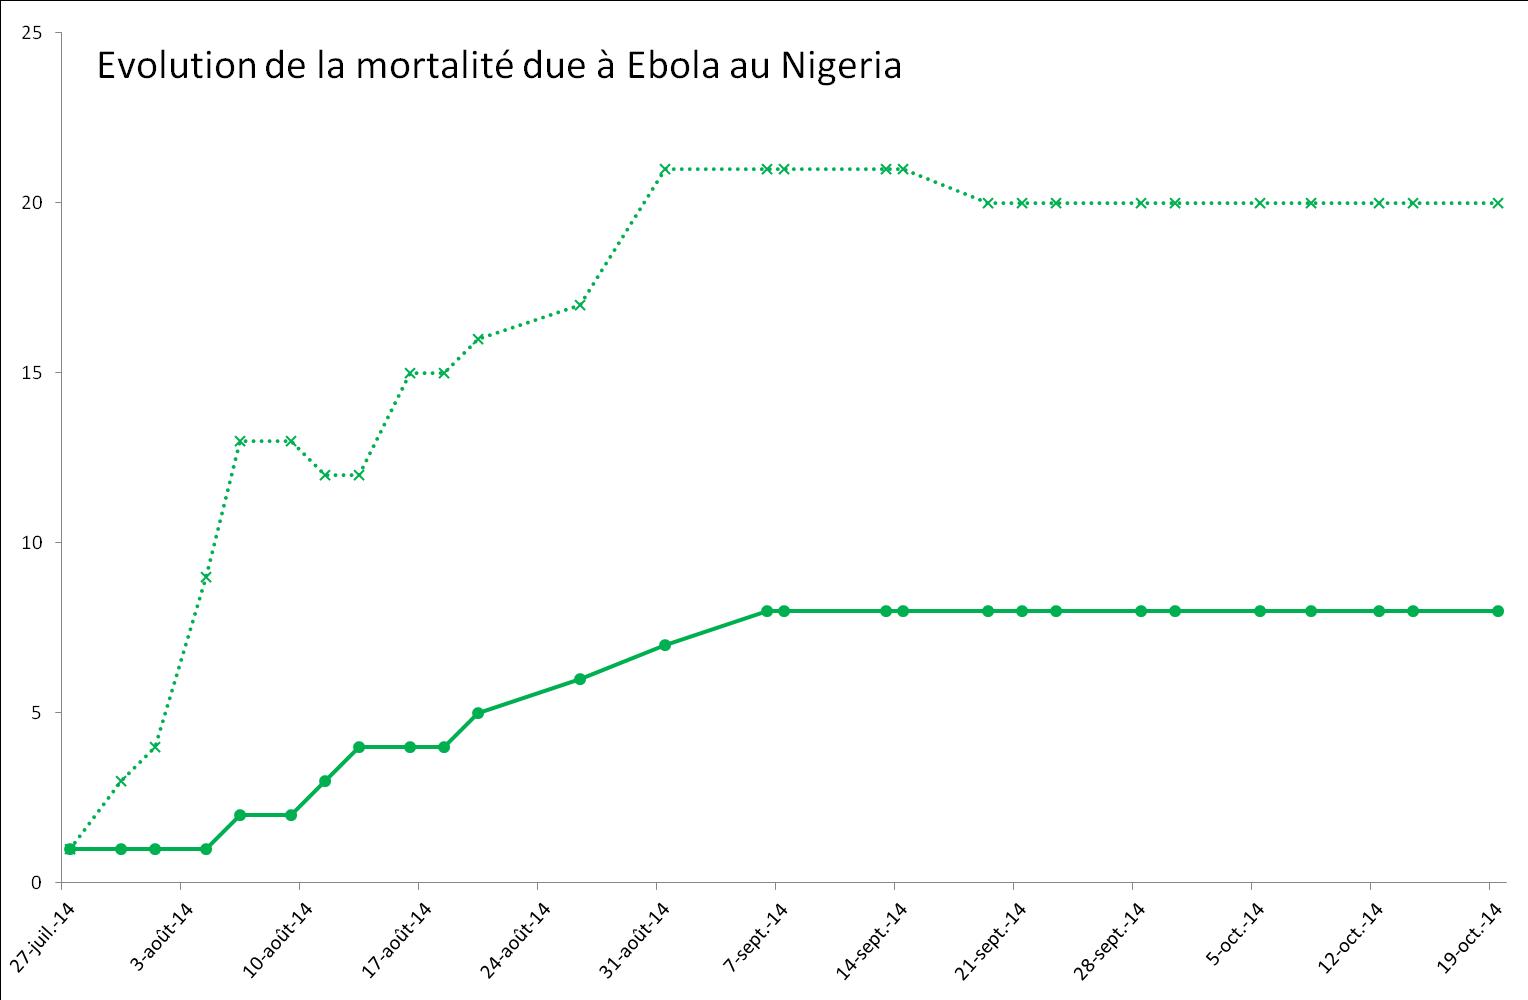 Evolution de la mortalité provoquée par Ebola au Nigeria